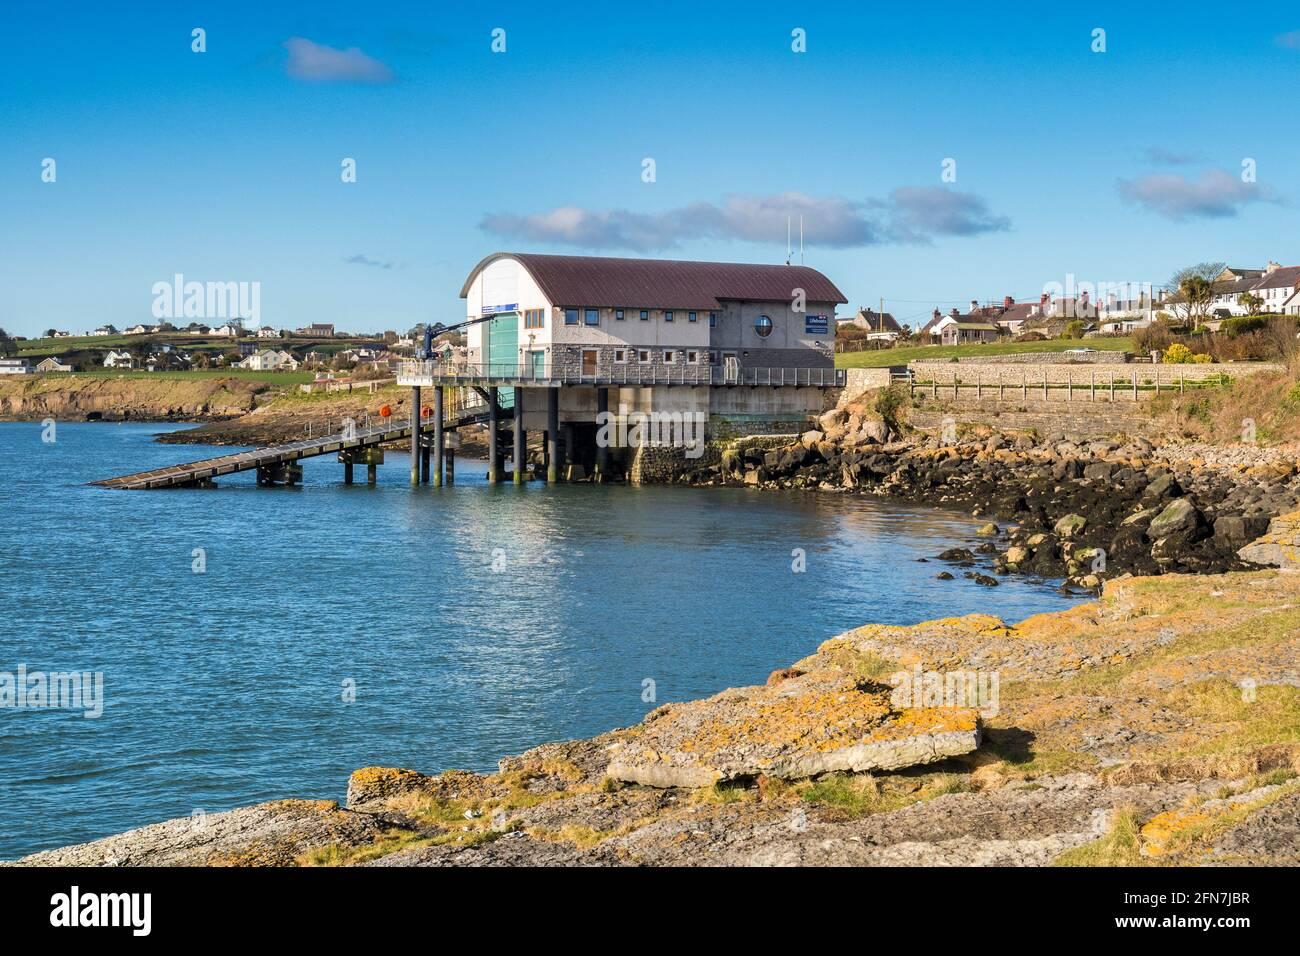 Estación de botes salvavidas en Moelfre, en la costa este de Anglesey, Gales del Norte. Foto de stock